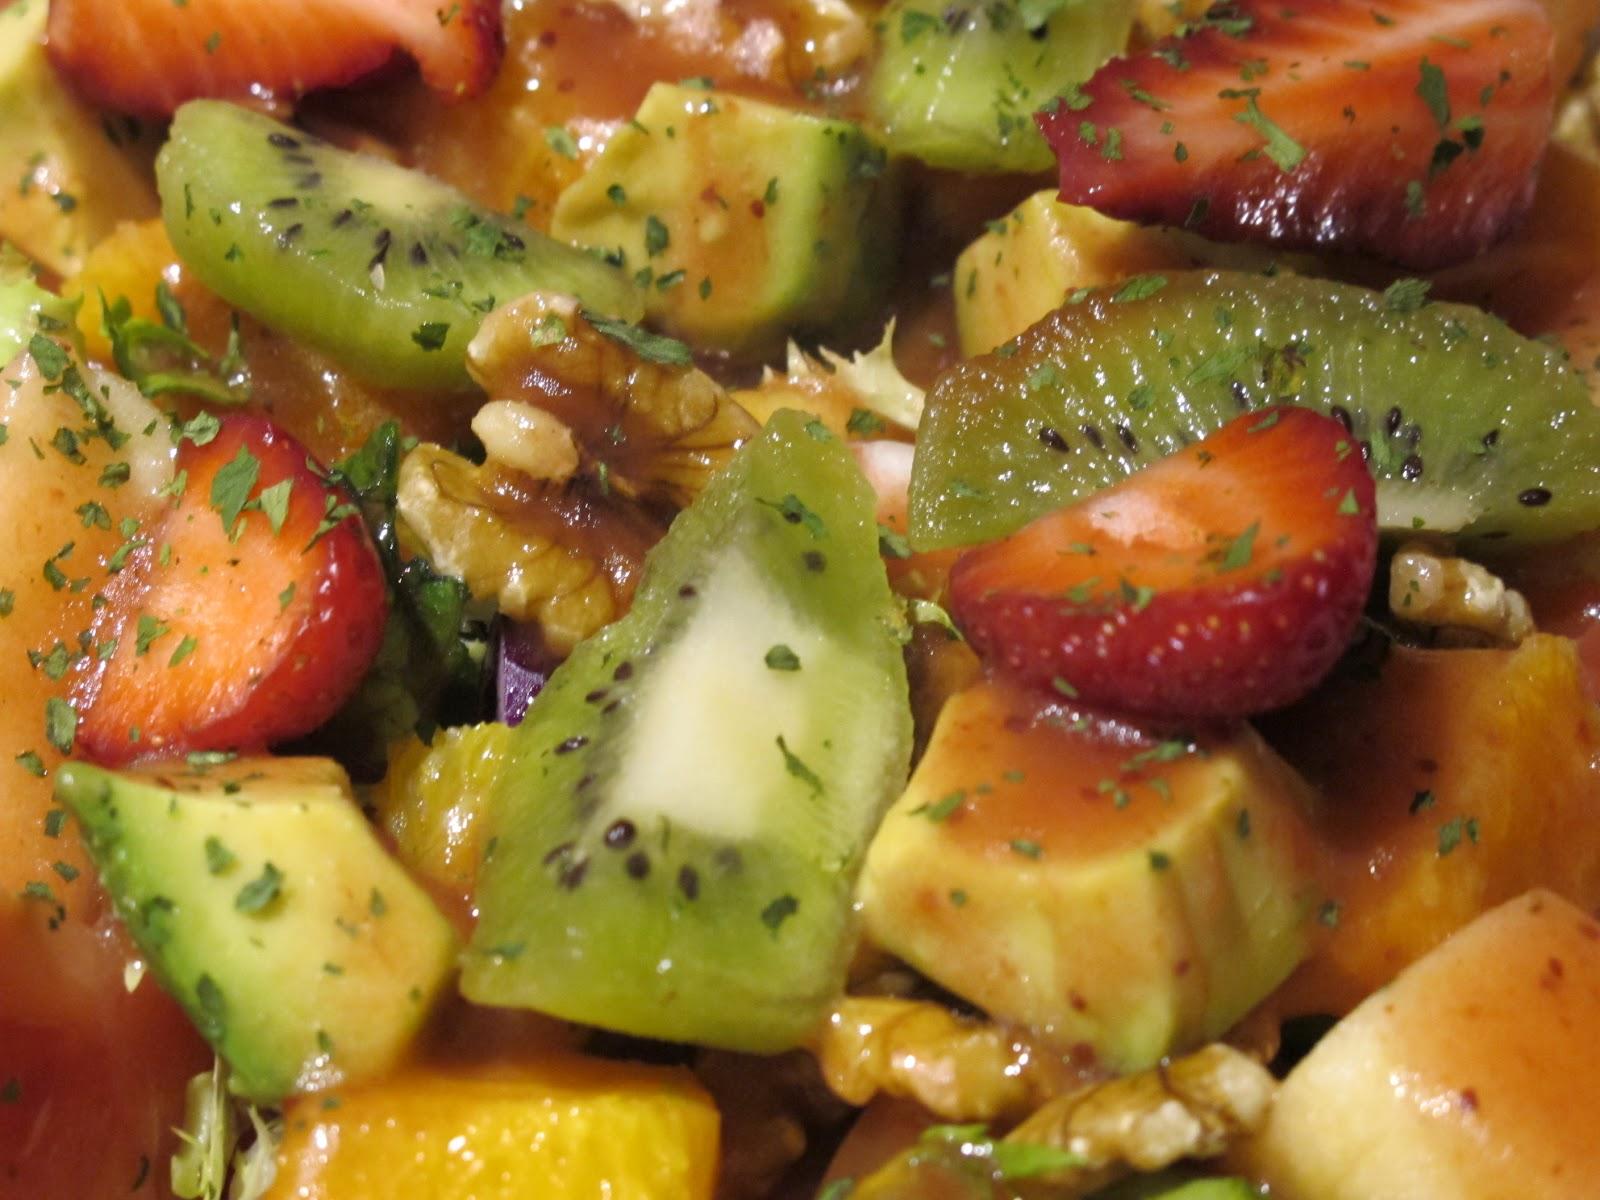 Cardamomoy clavo frutas verduras cocina vegetariana for Cocina vegetariana